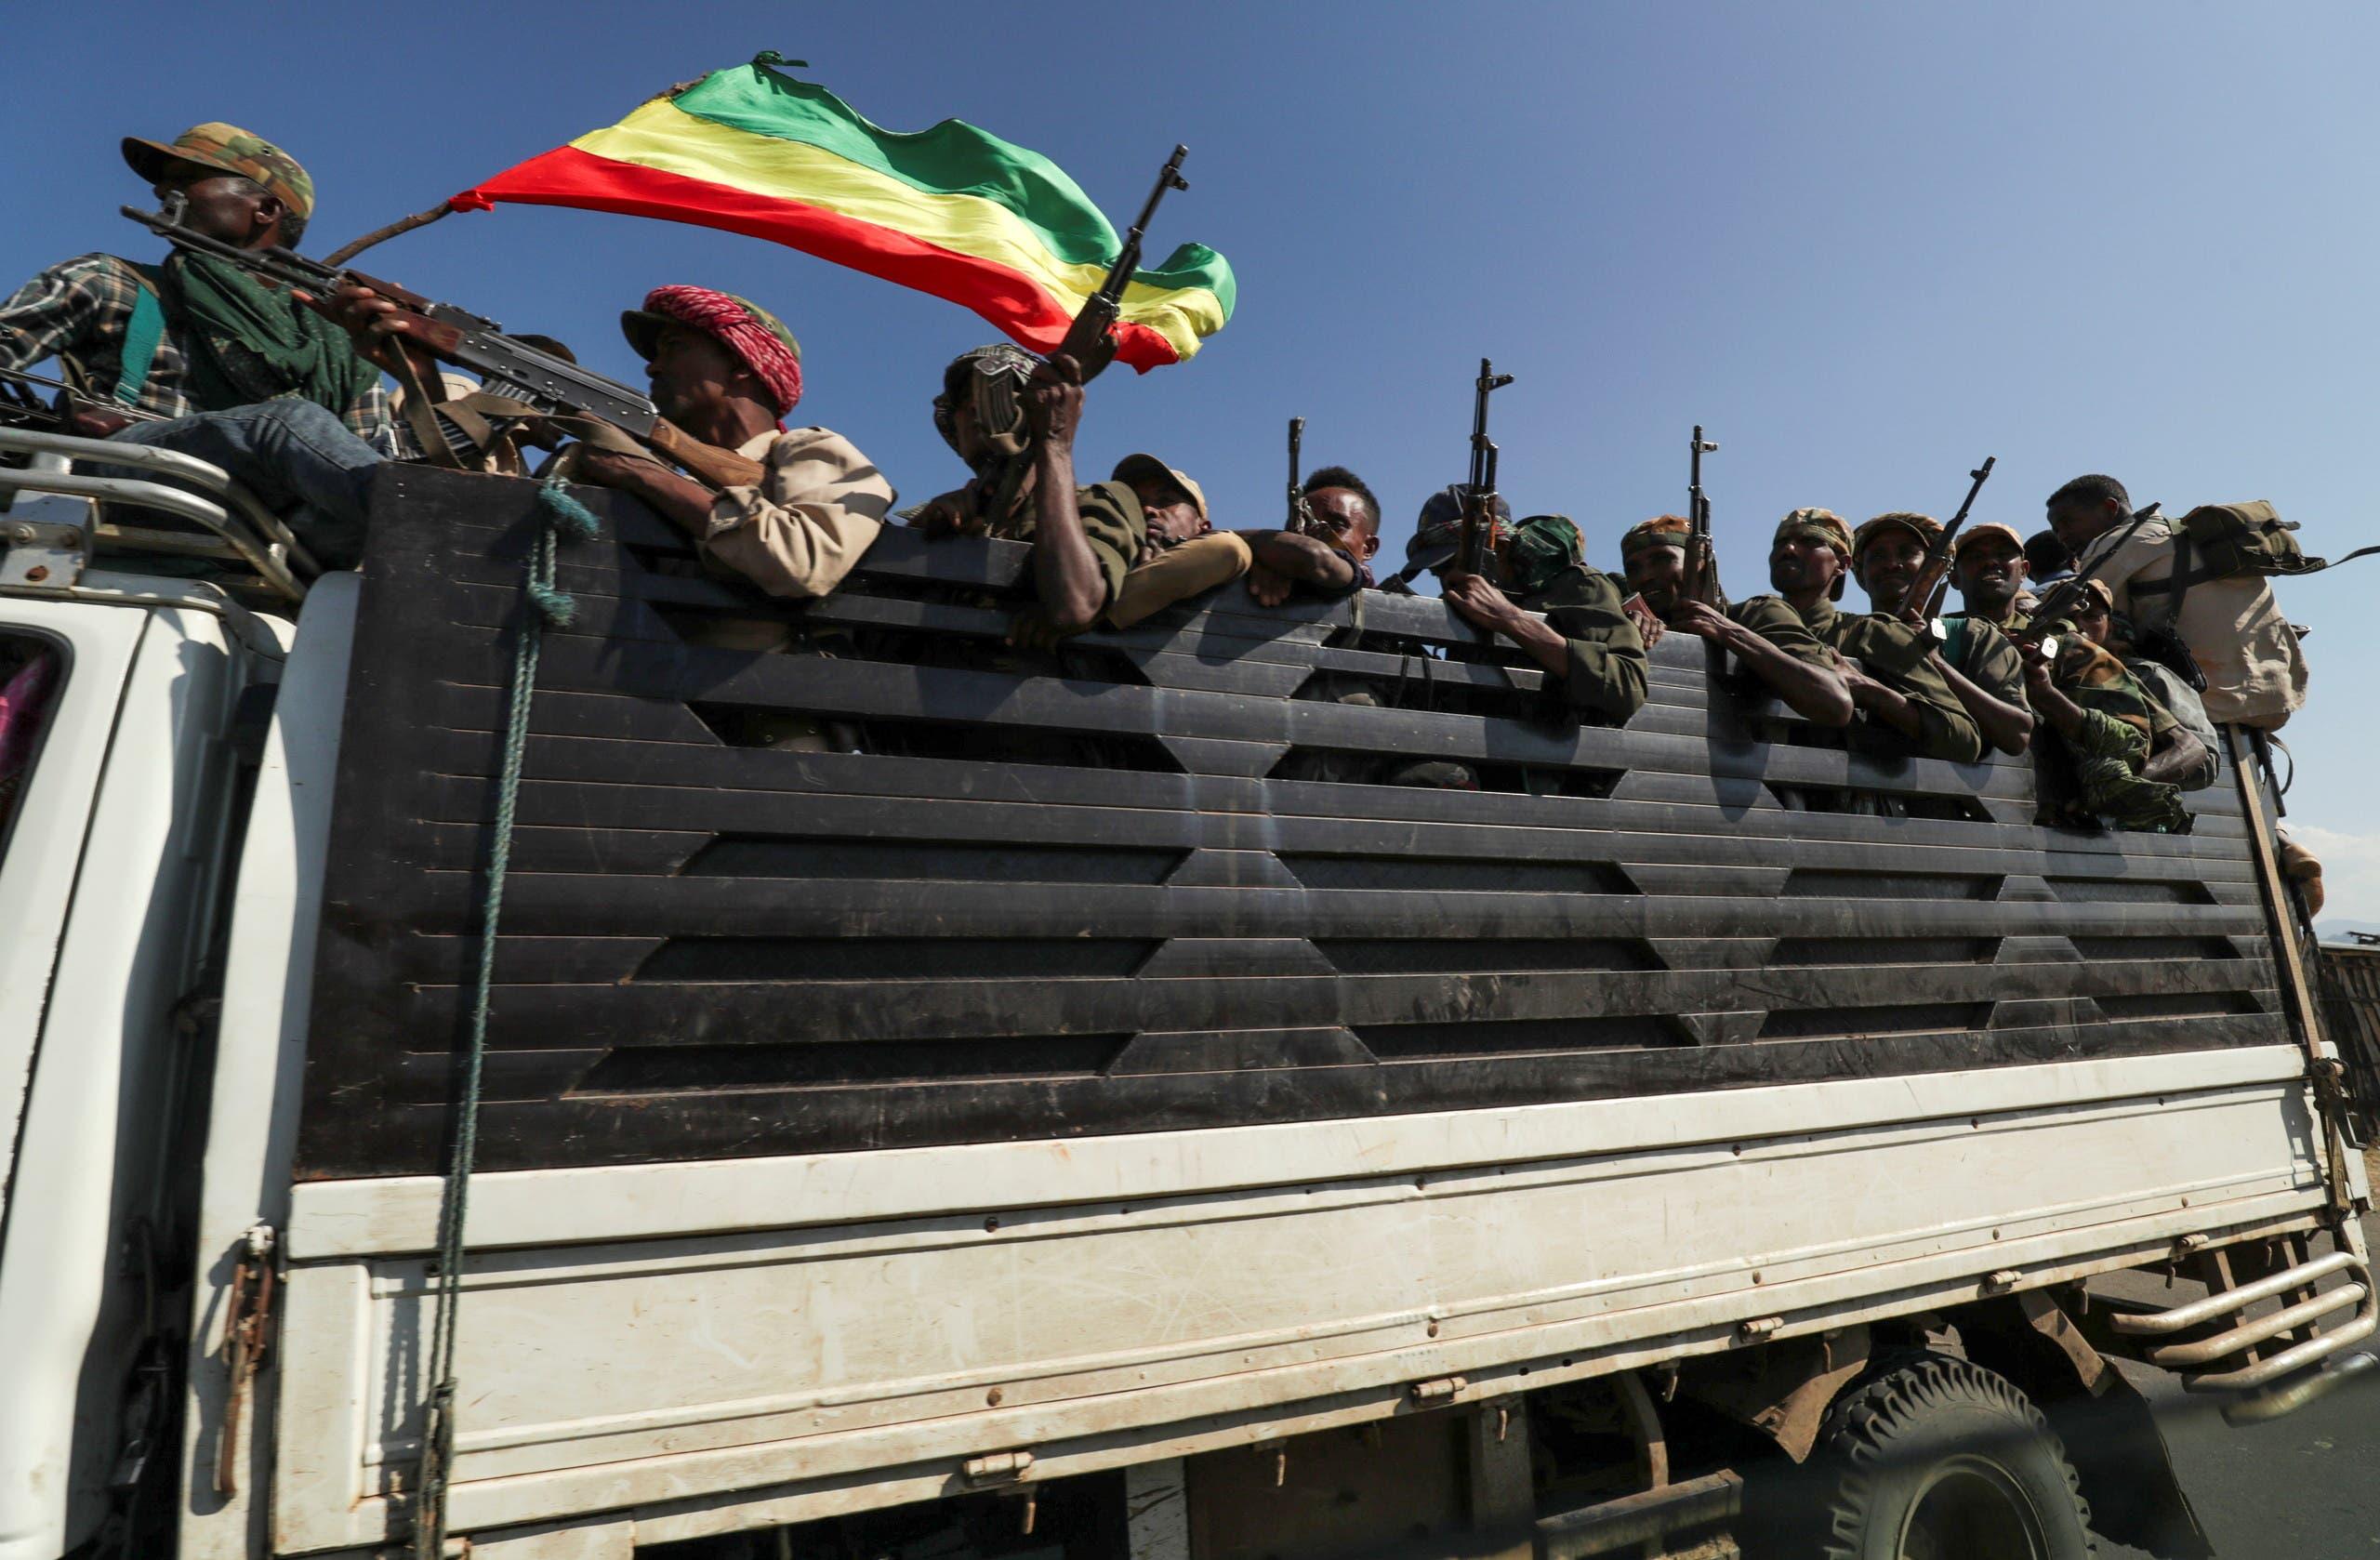 عناصر من ميليشيا في أمهرة يتوجهون للقتال في تيغراي